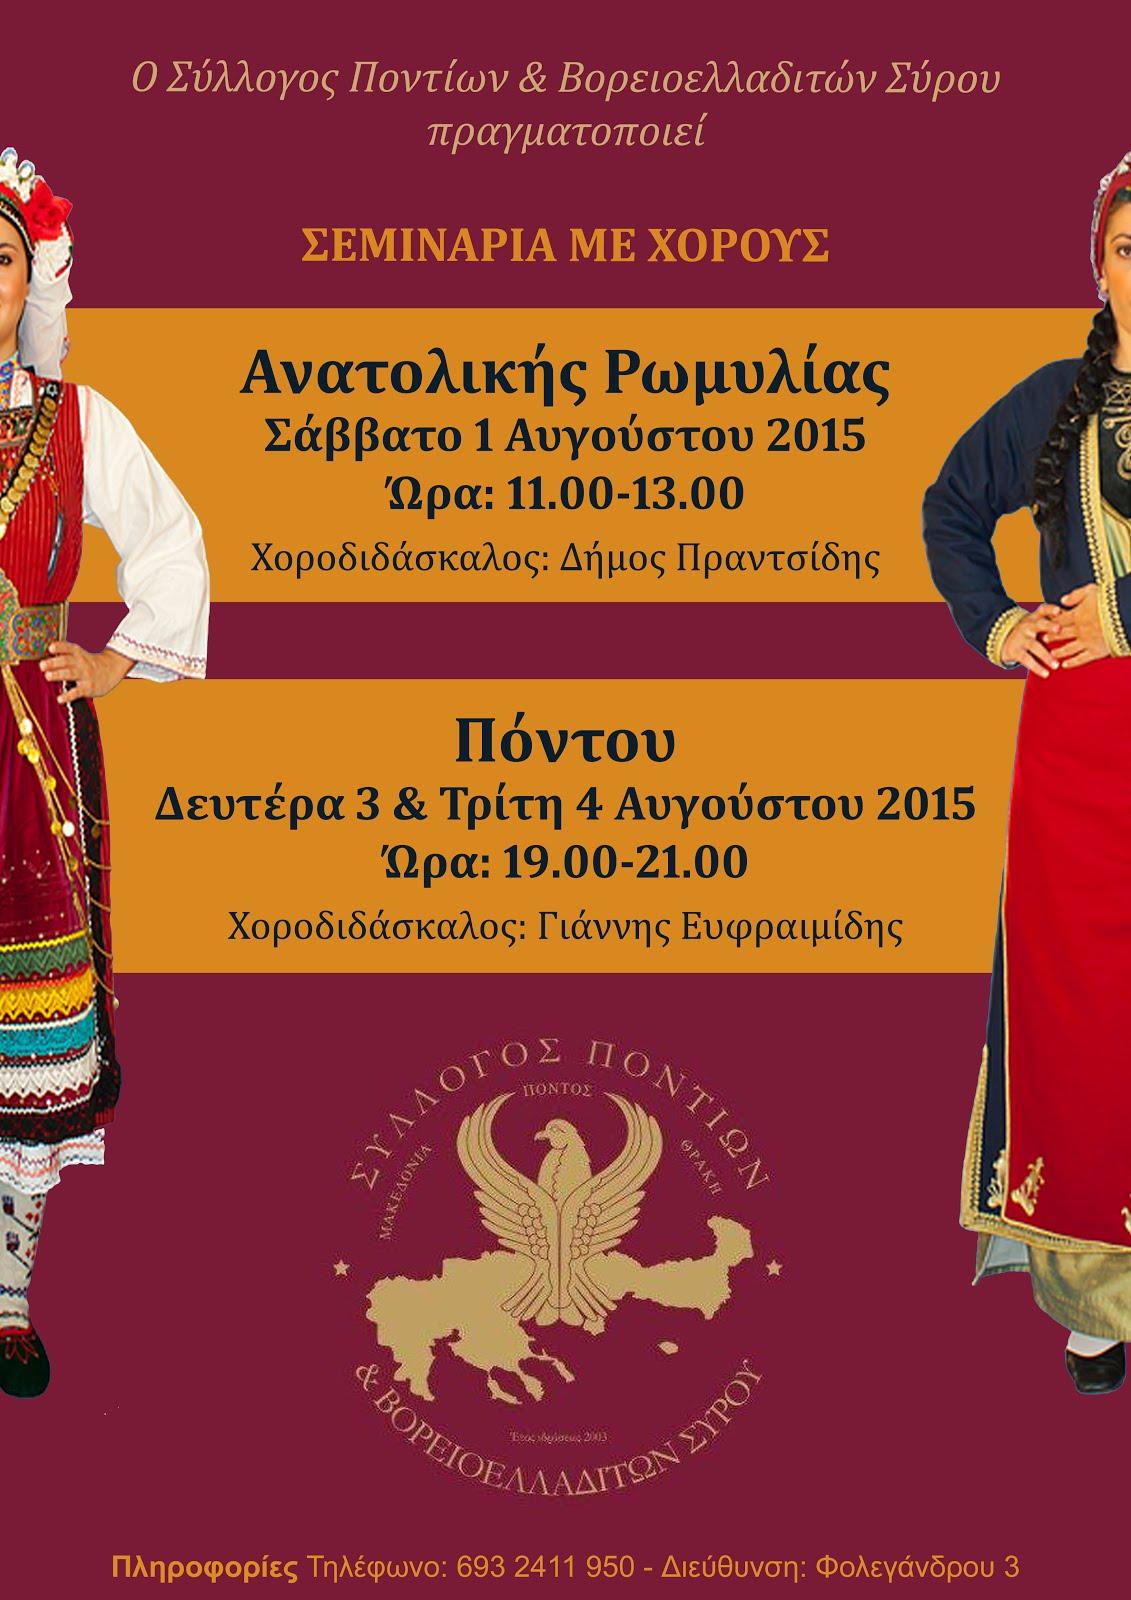 Σεμινάρια Χορών  Ανατολικής Ρωμυλίας και Πόντου